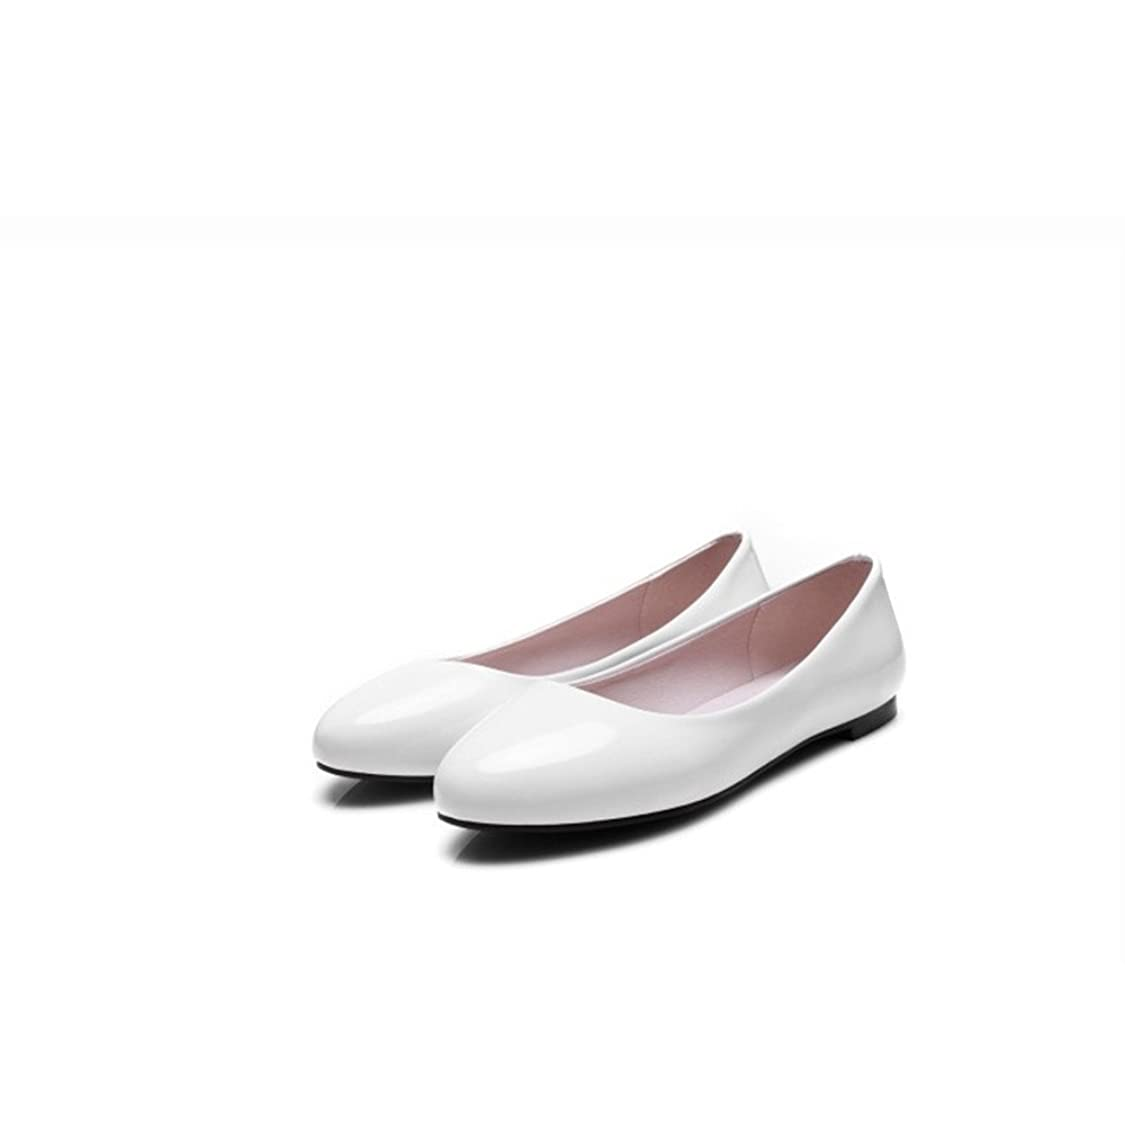 テンション盆スローCVICVJAPAN シンプルフラットパンプス大きなサイズ浅口ラウンド靴 (28, ホワイト)